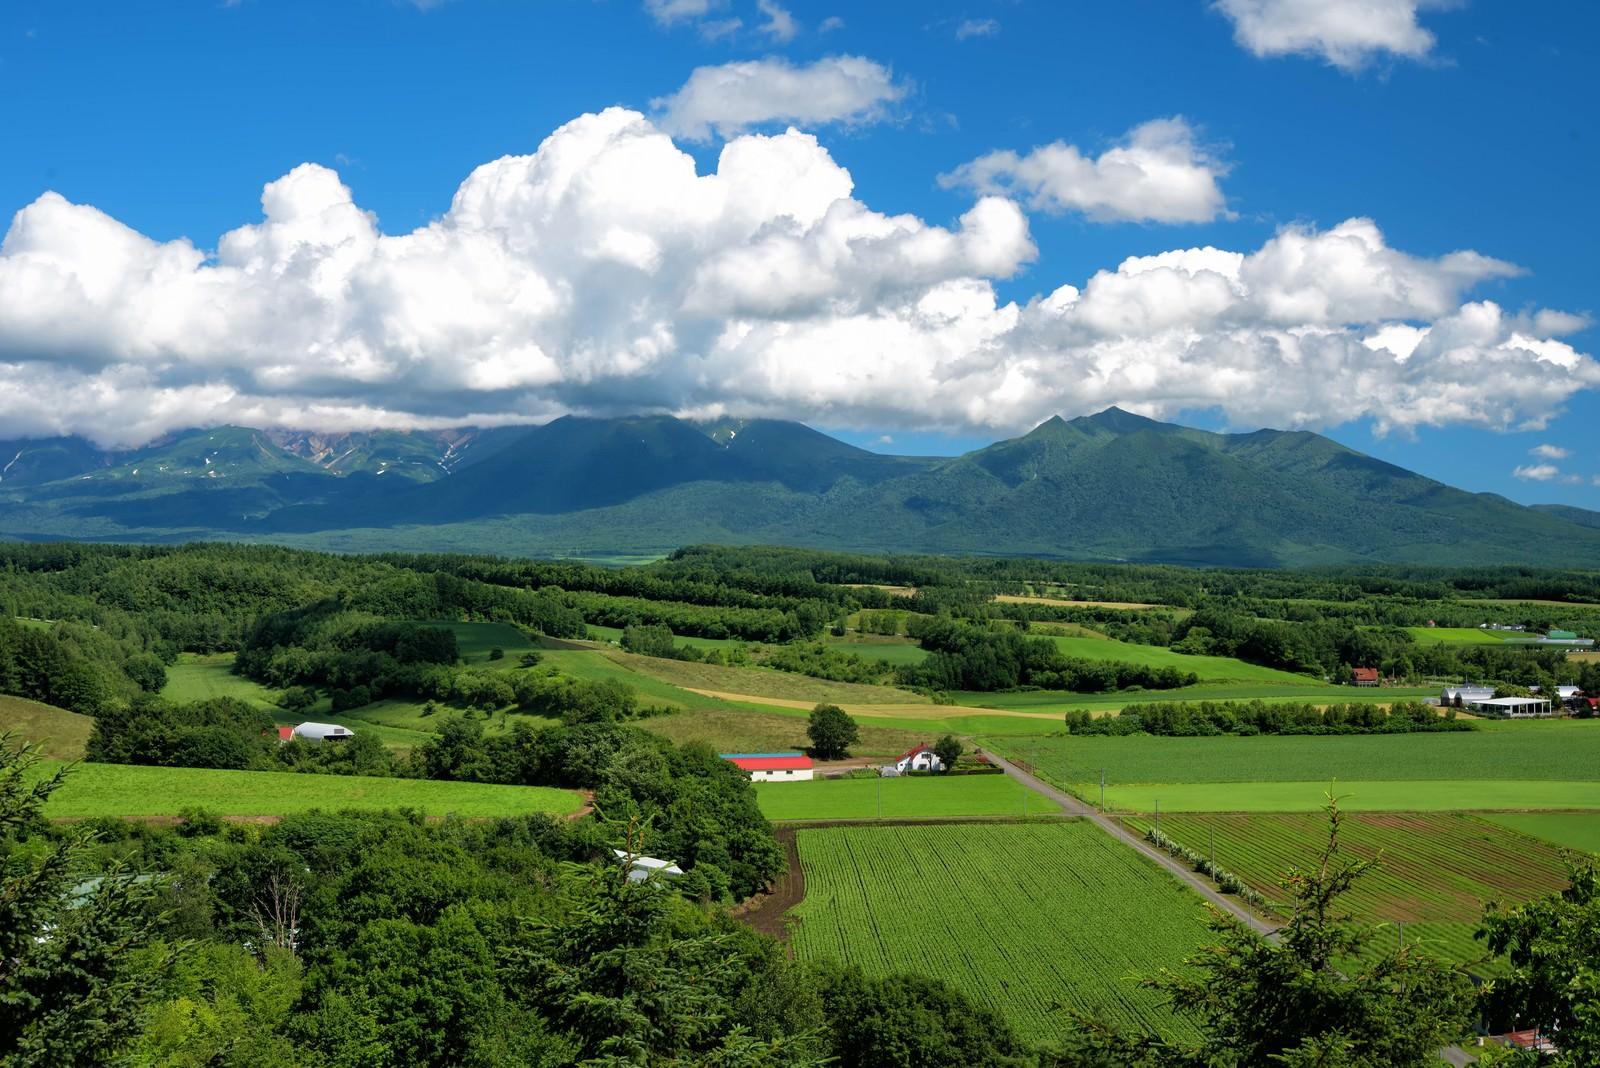 「十勝岳に広がる積雲」の写真